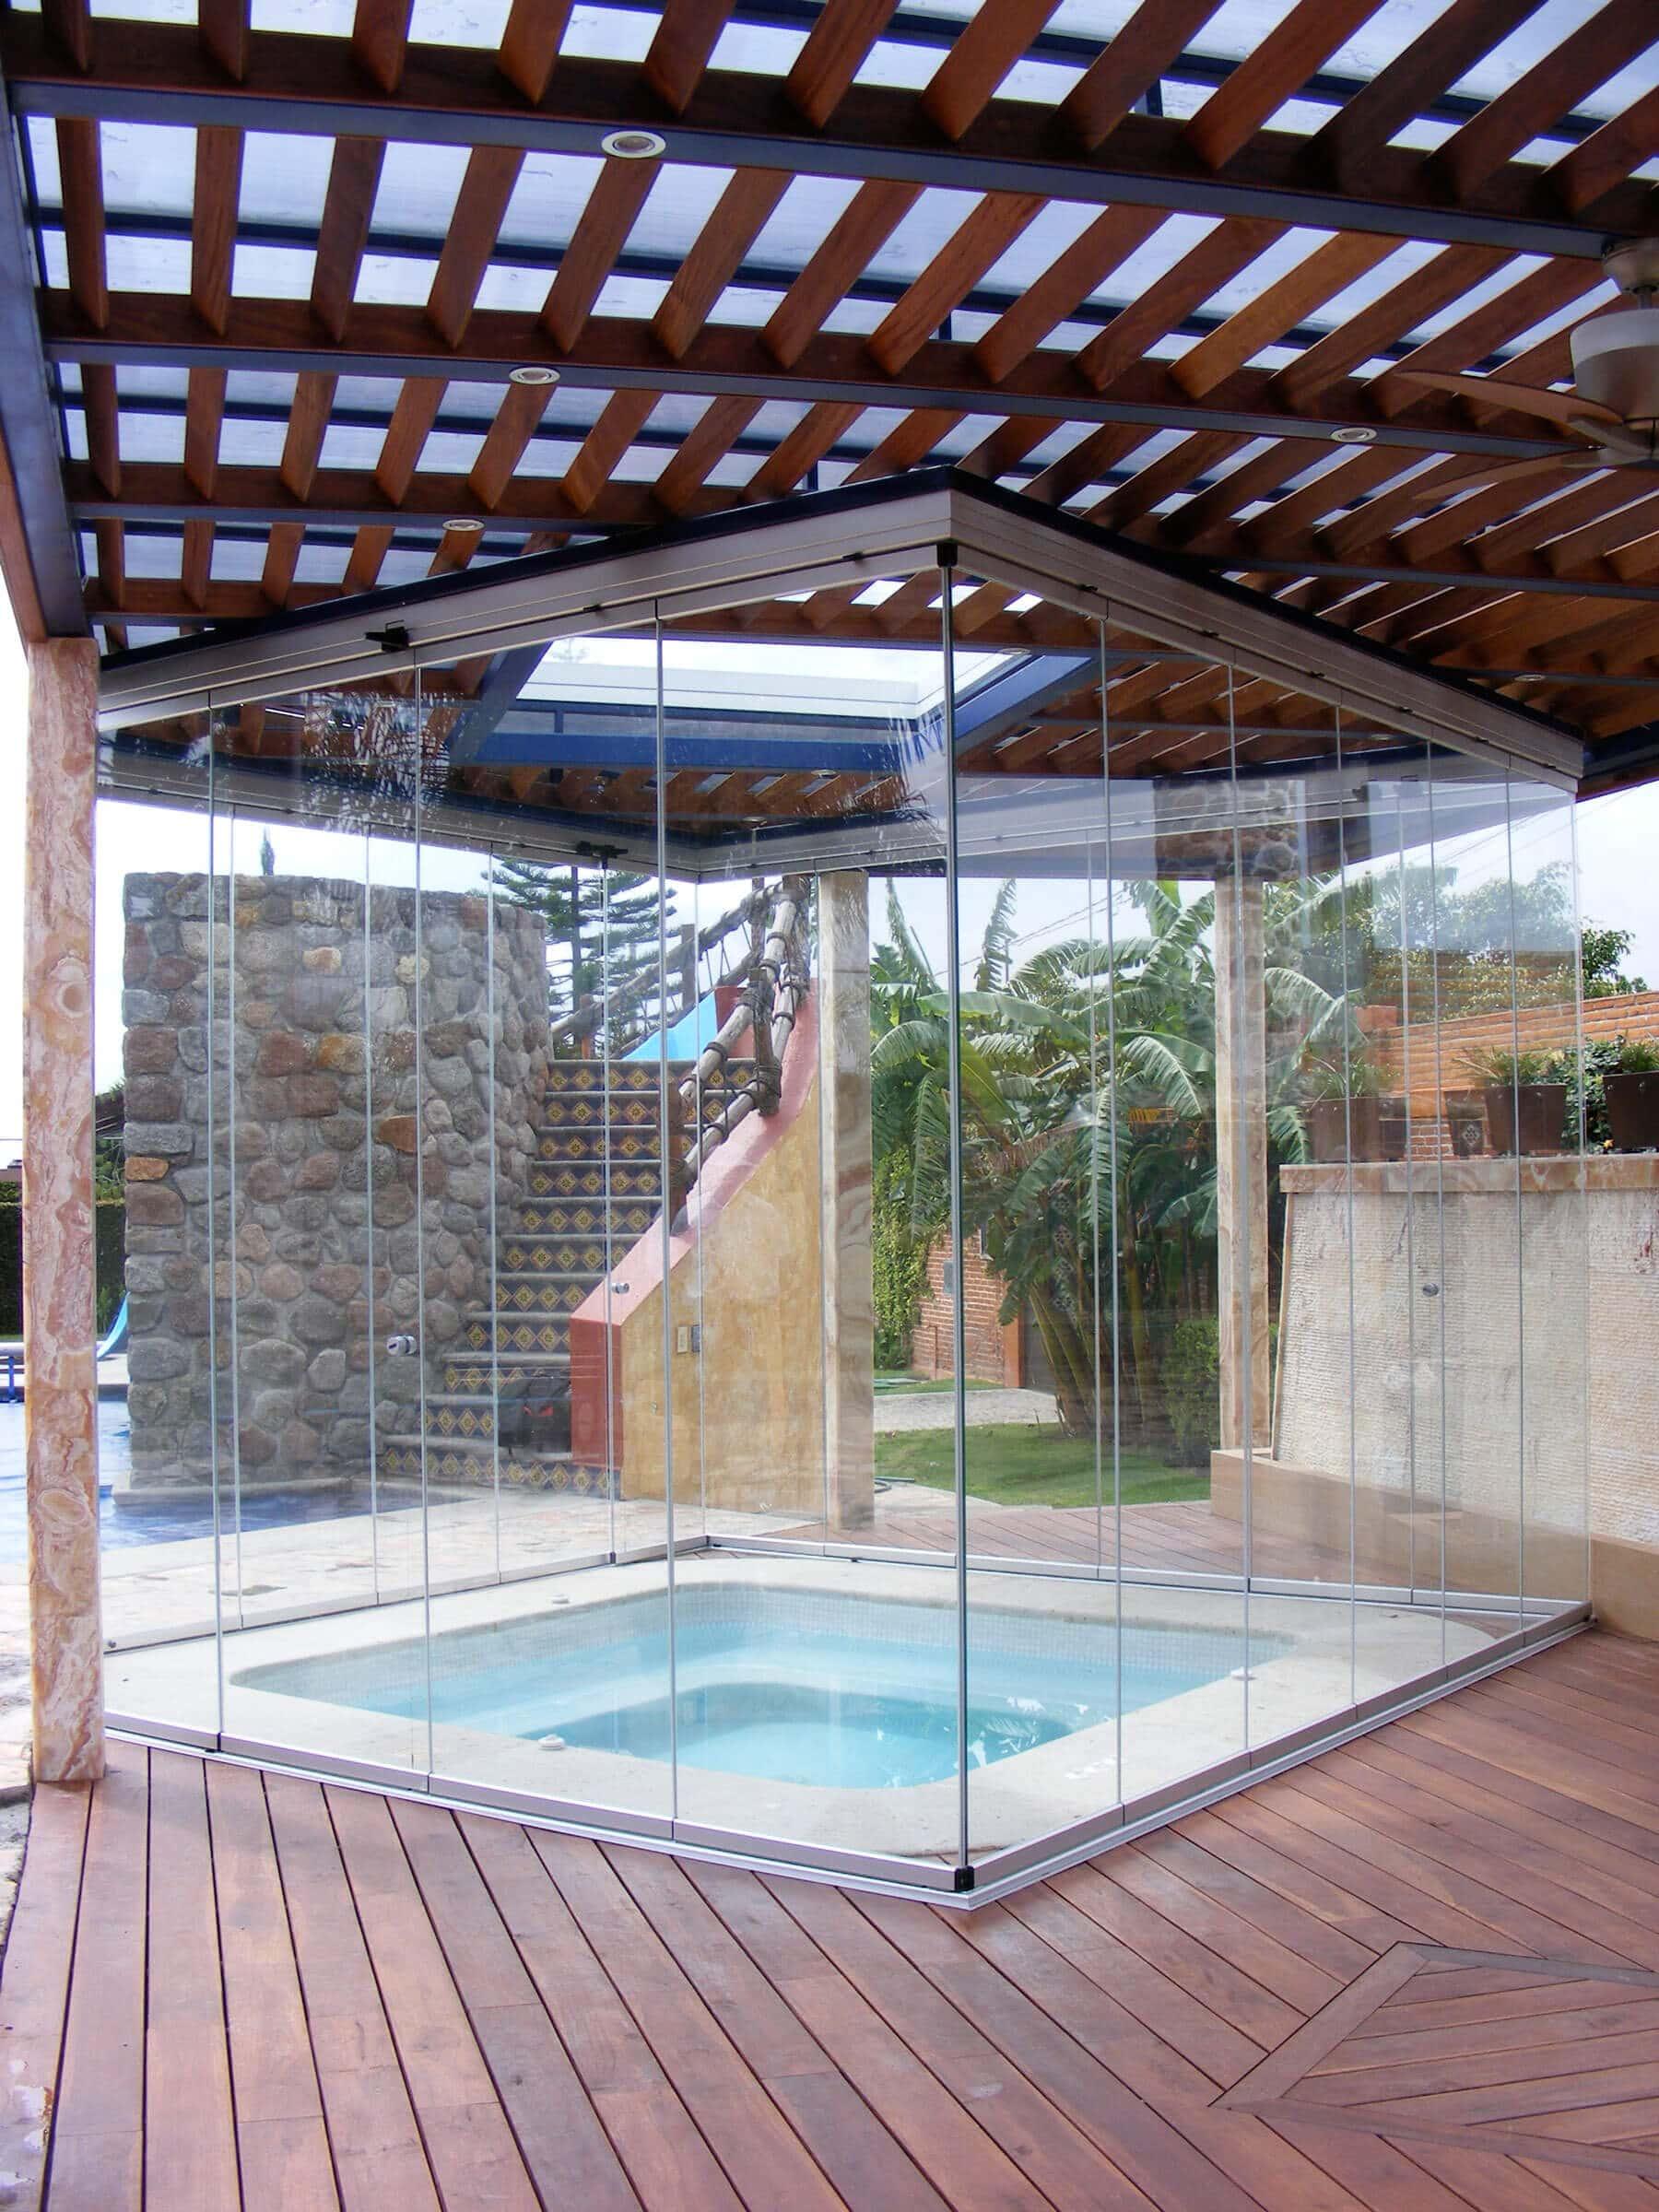 Windschutz Whirlpool aus Glasschiebetüren von Sunflex